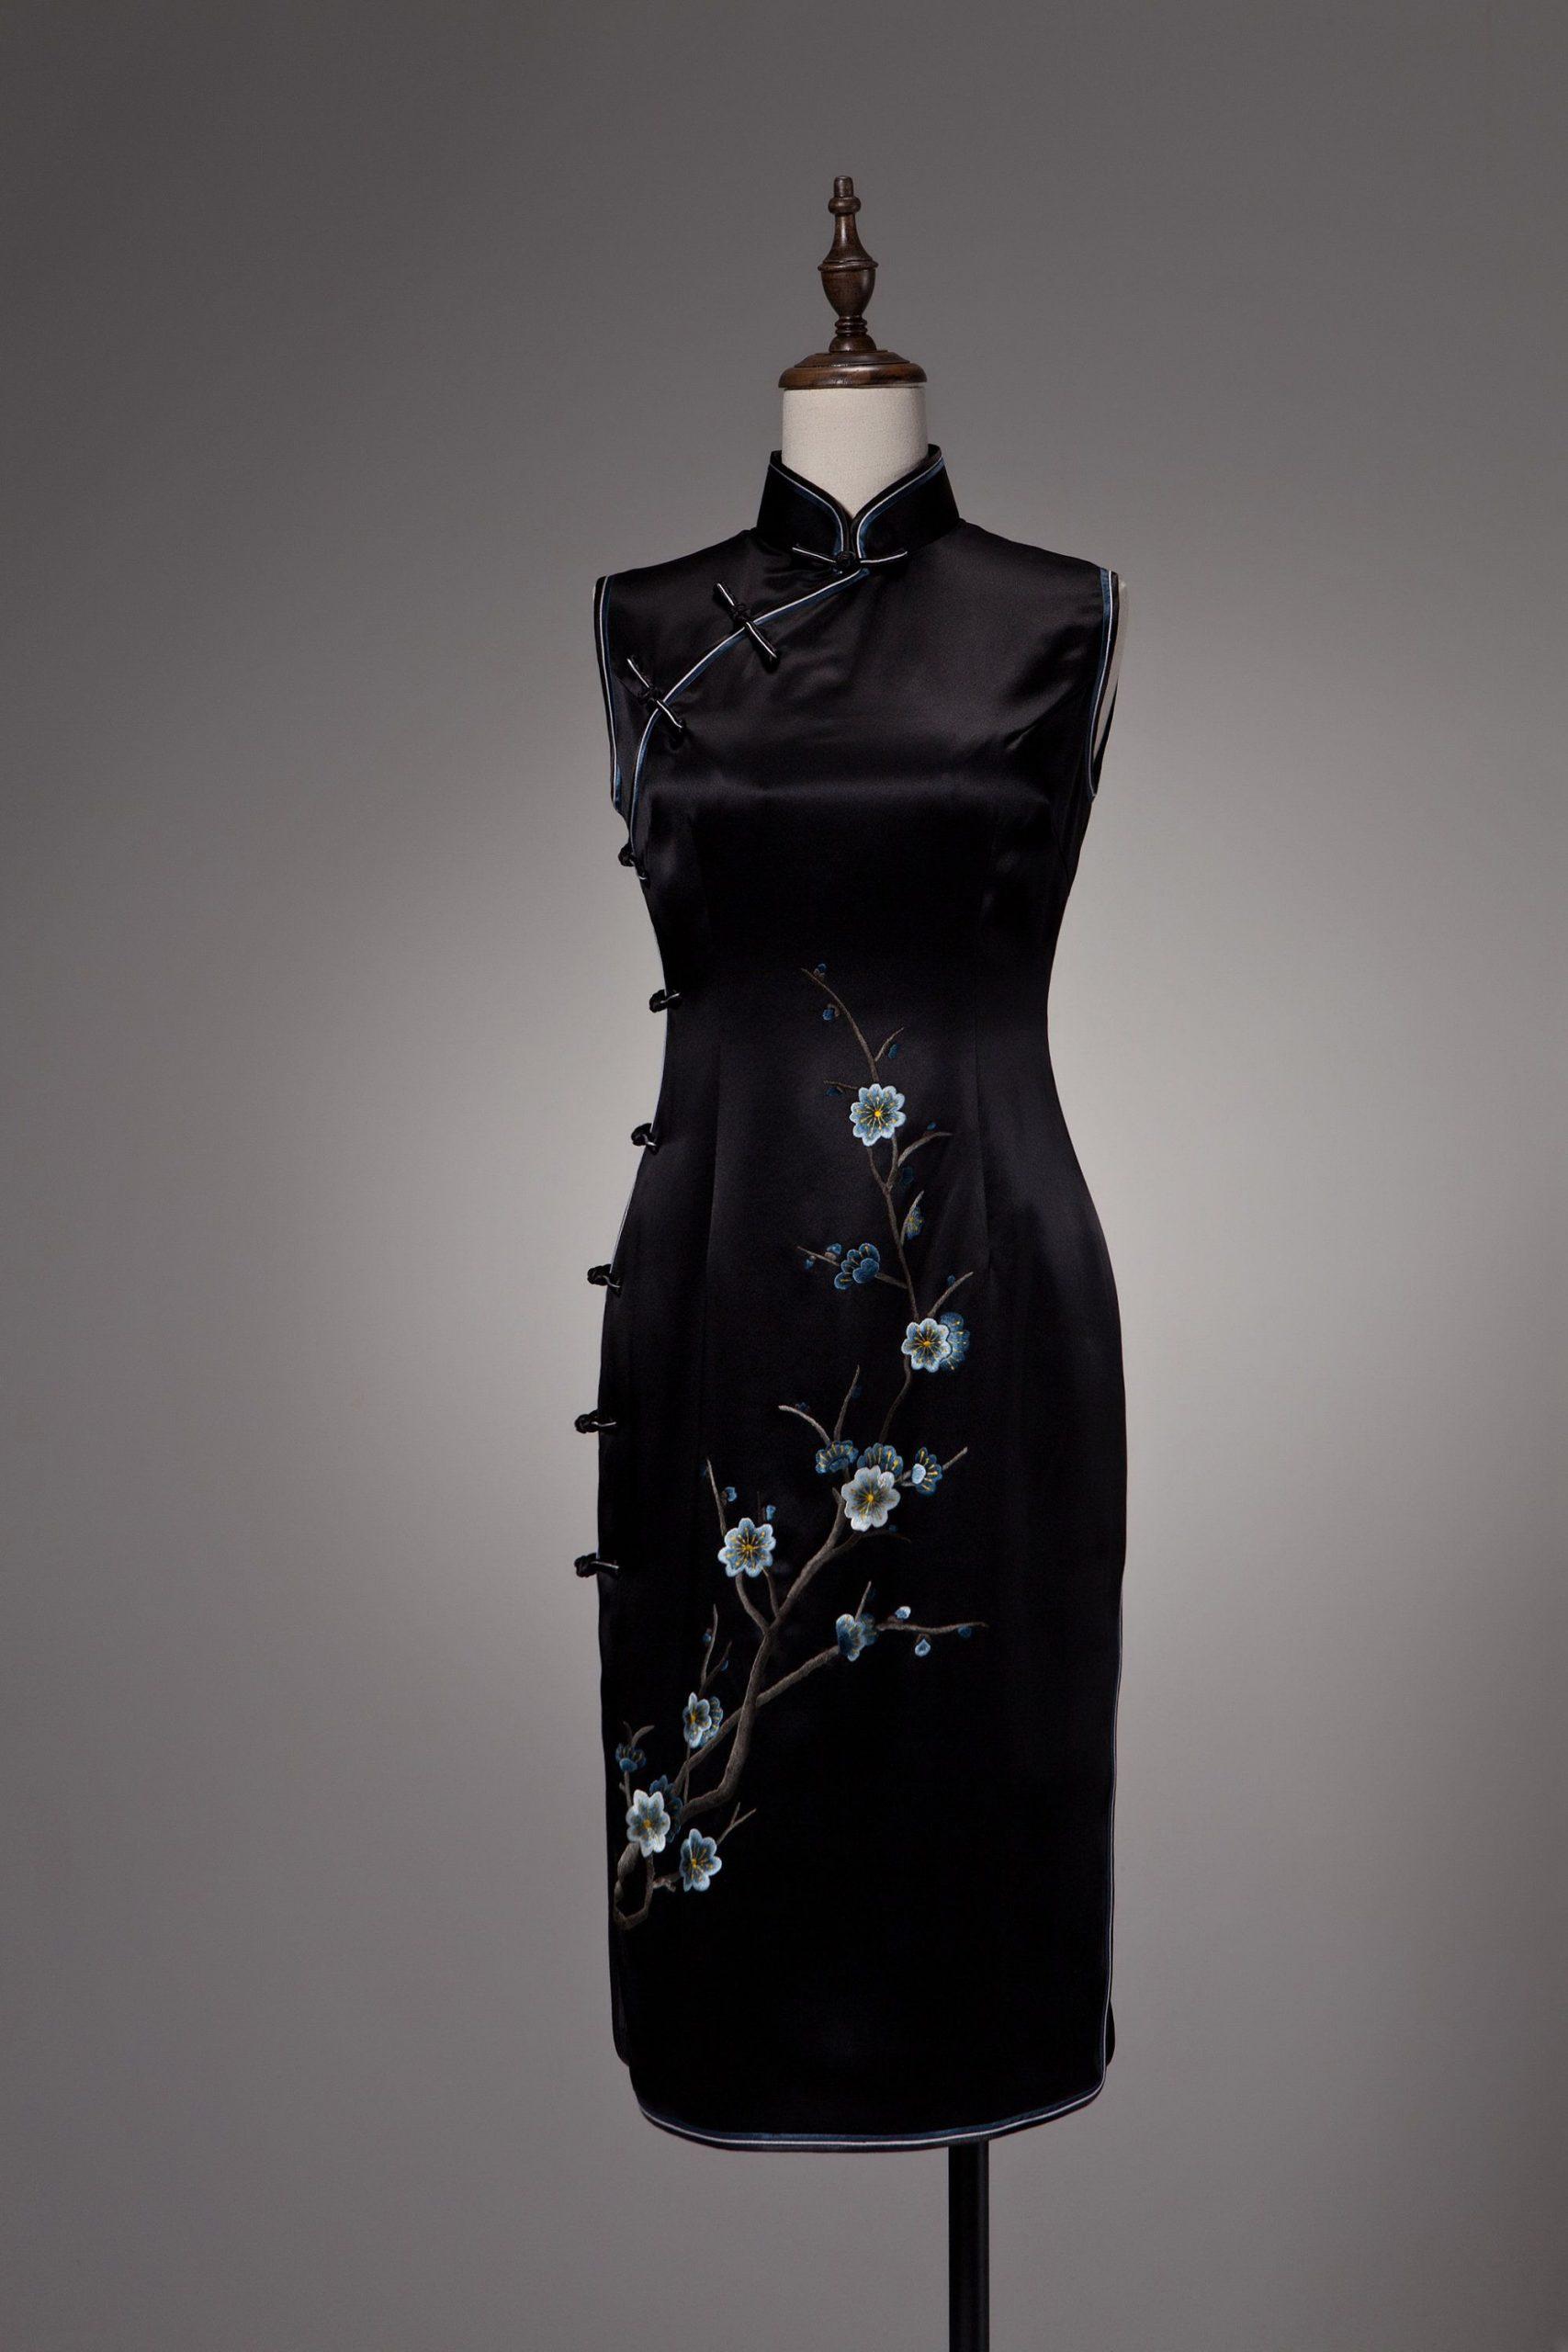 Abend Genial Qipao Abendkleid Vertrieb Ausgezeichnet Qipao Abendkleid Design